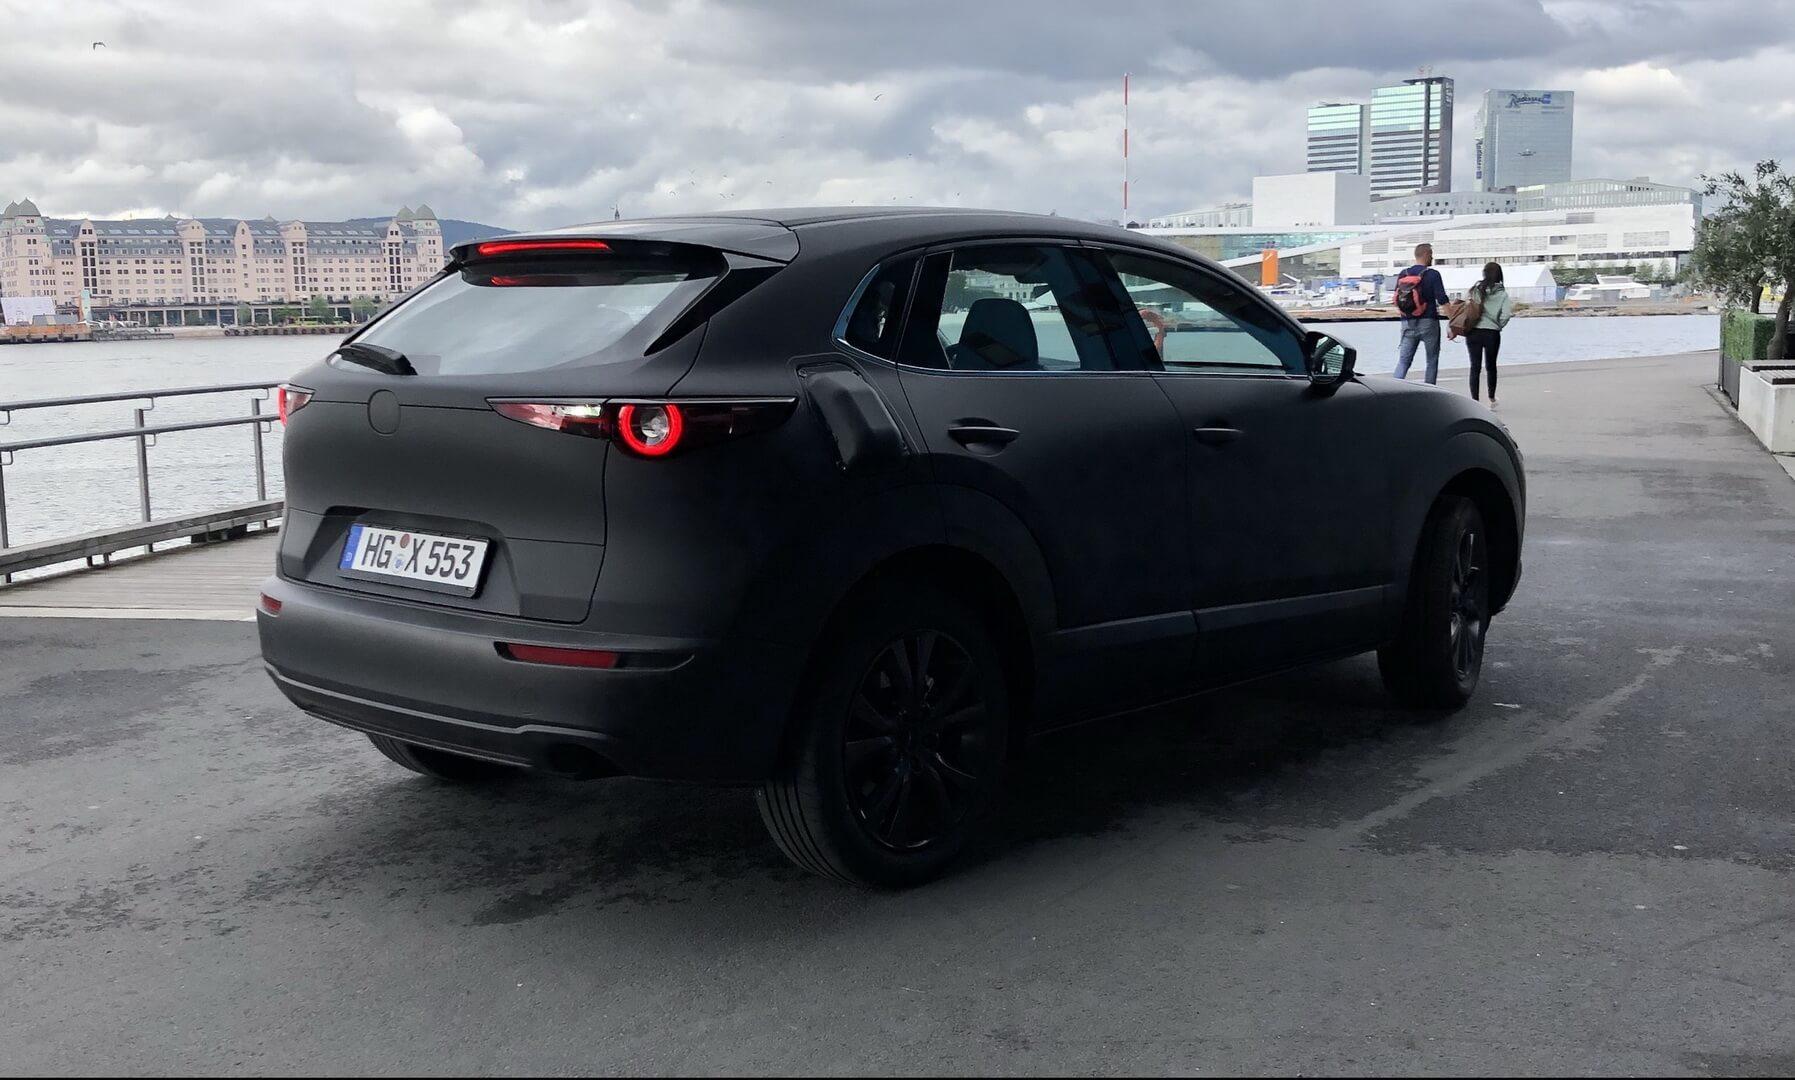 Вероятный прототип электрокара Mazda замечен на дорогах в Норвегии